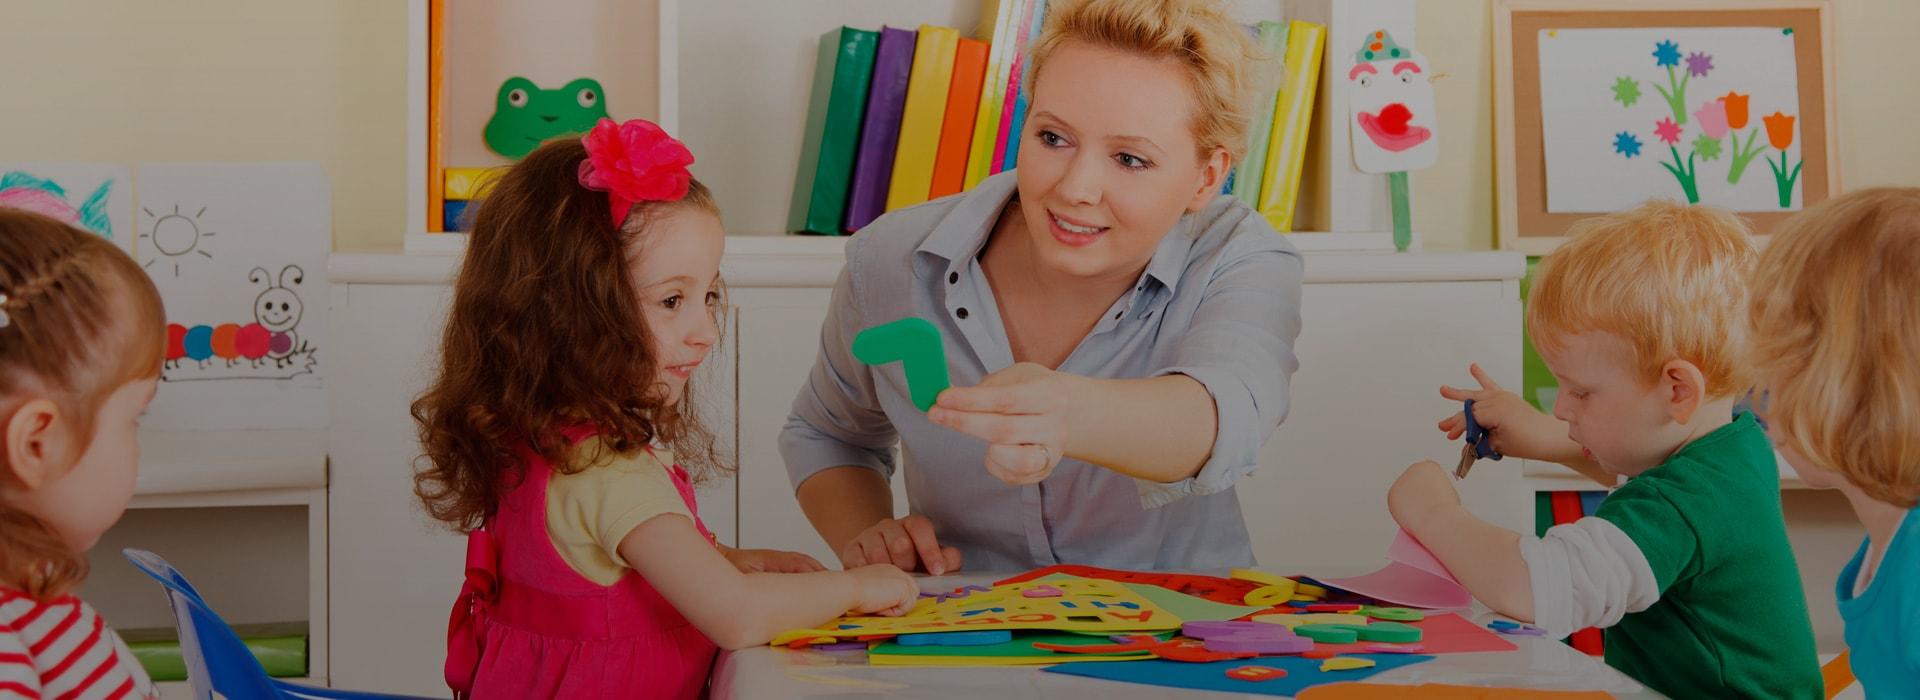 приглашает детей дошкольного возраста от 3 до 6 лет на занятия. Образовательный концепт школы представляет собой разностороннее развитие детей и включает множество компонентов: интеллектуальный, физический, эмоциональный, социальный, нравственный, эстетический.